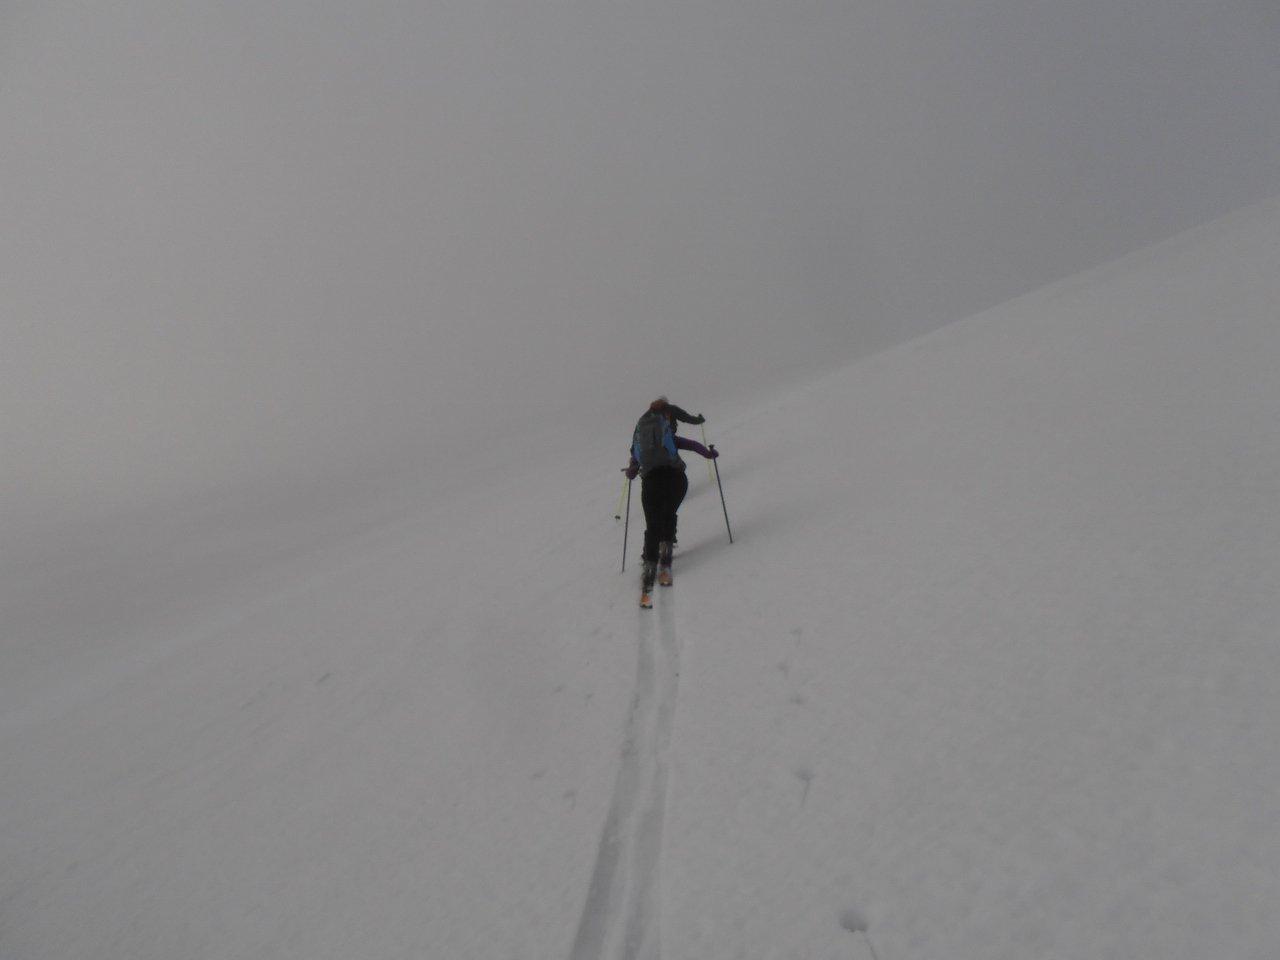 salita sul grande plateau lungo la spalla est, purtroppo in mezzo alla nebbia